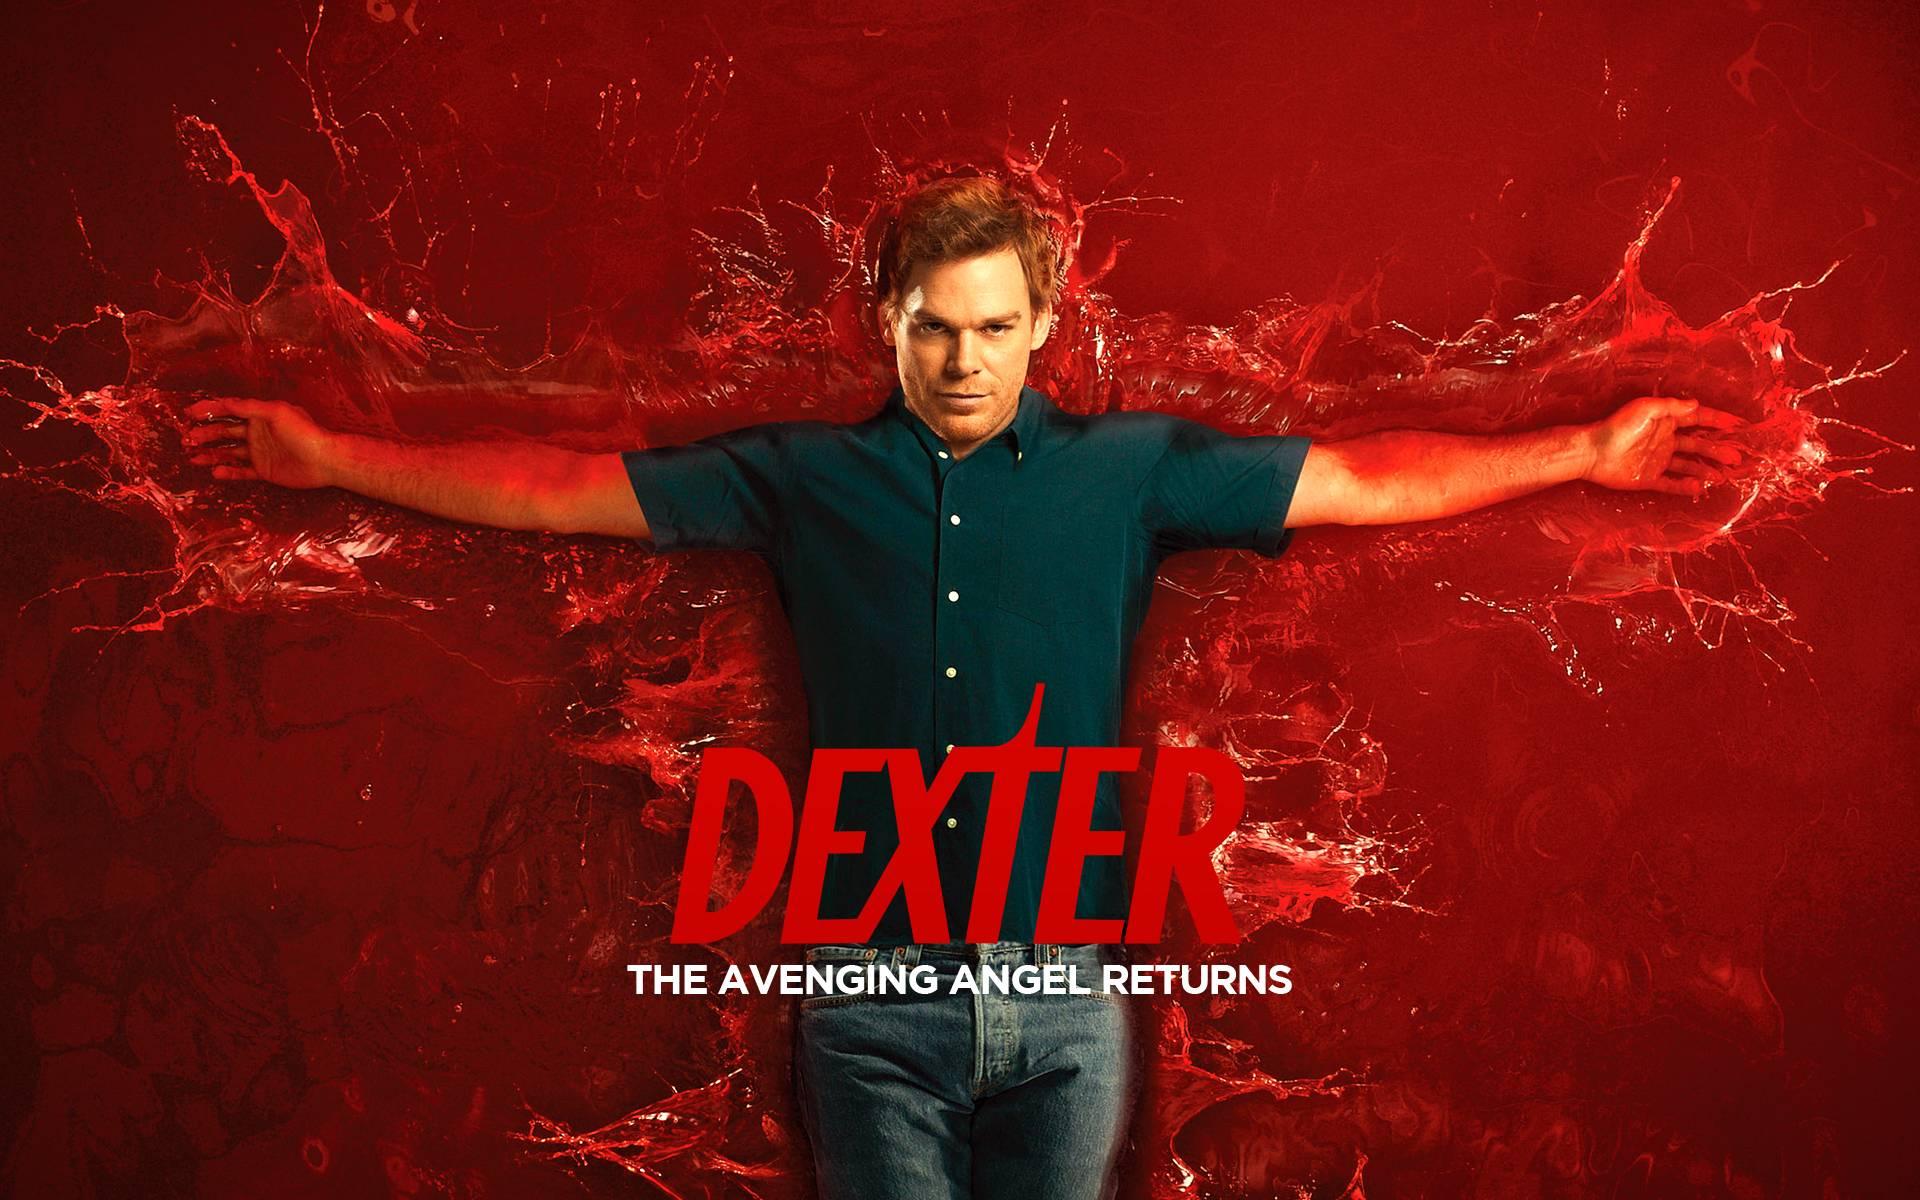 dexter wallpaper